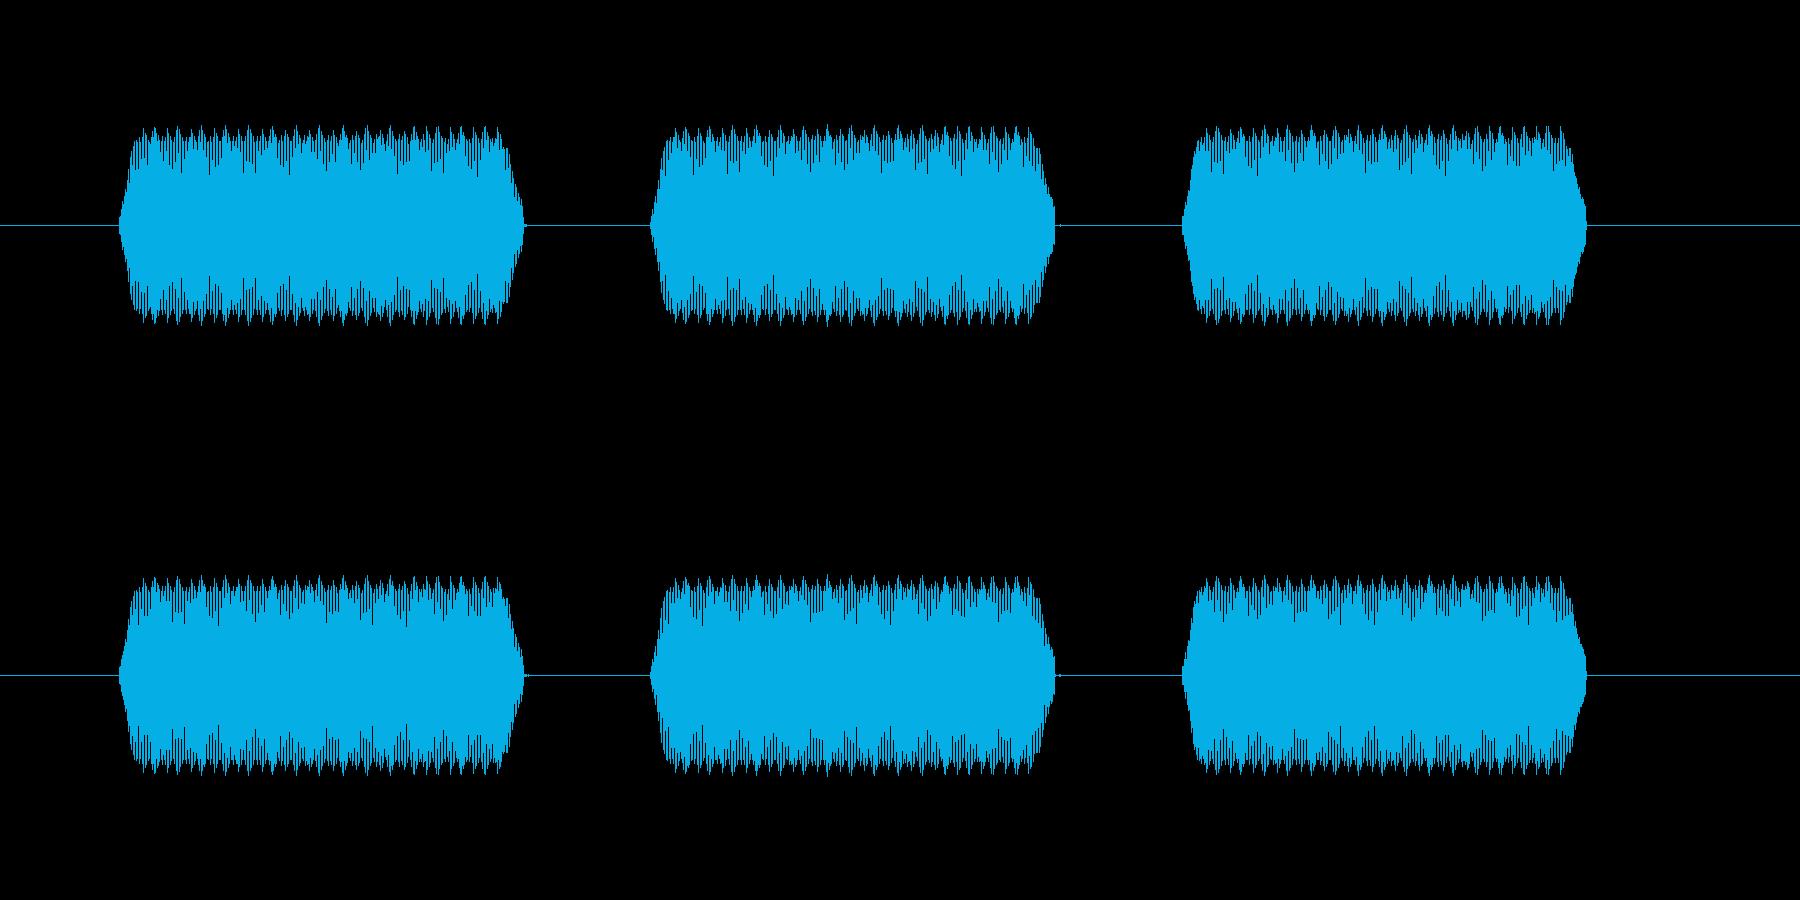 【汎用・セリフ音等】ピピピ(中)の再生済みの波形